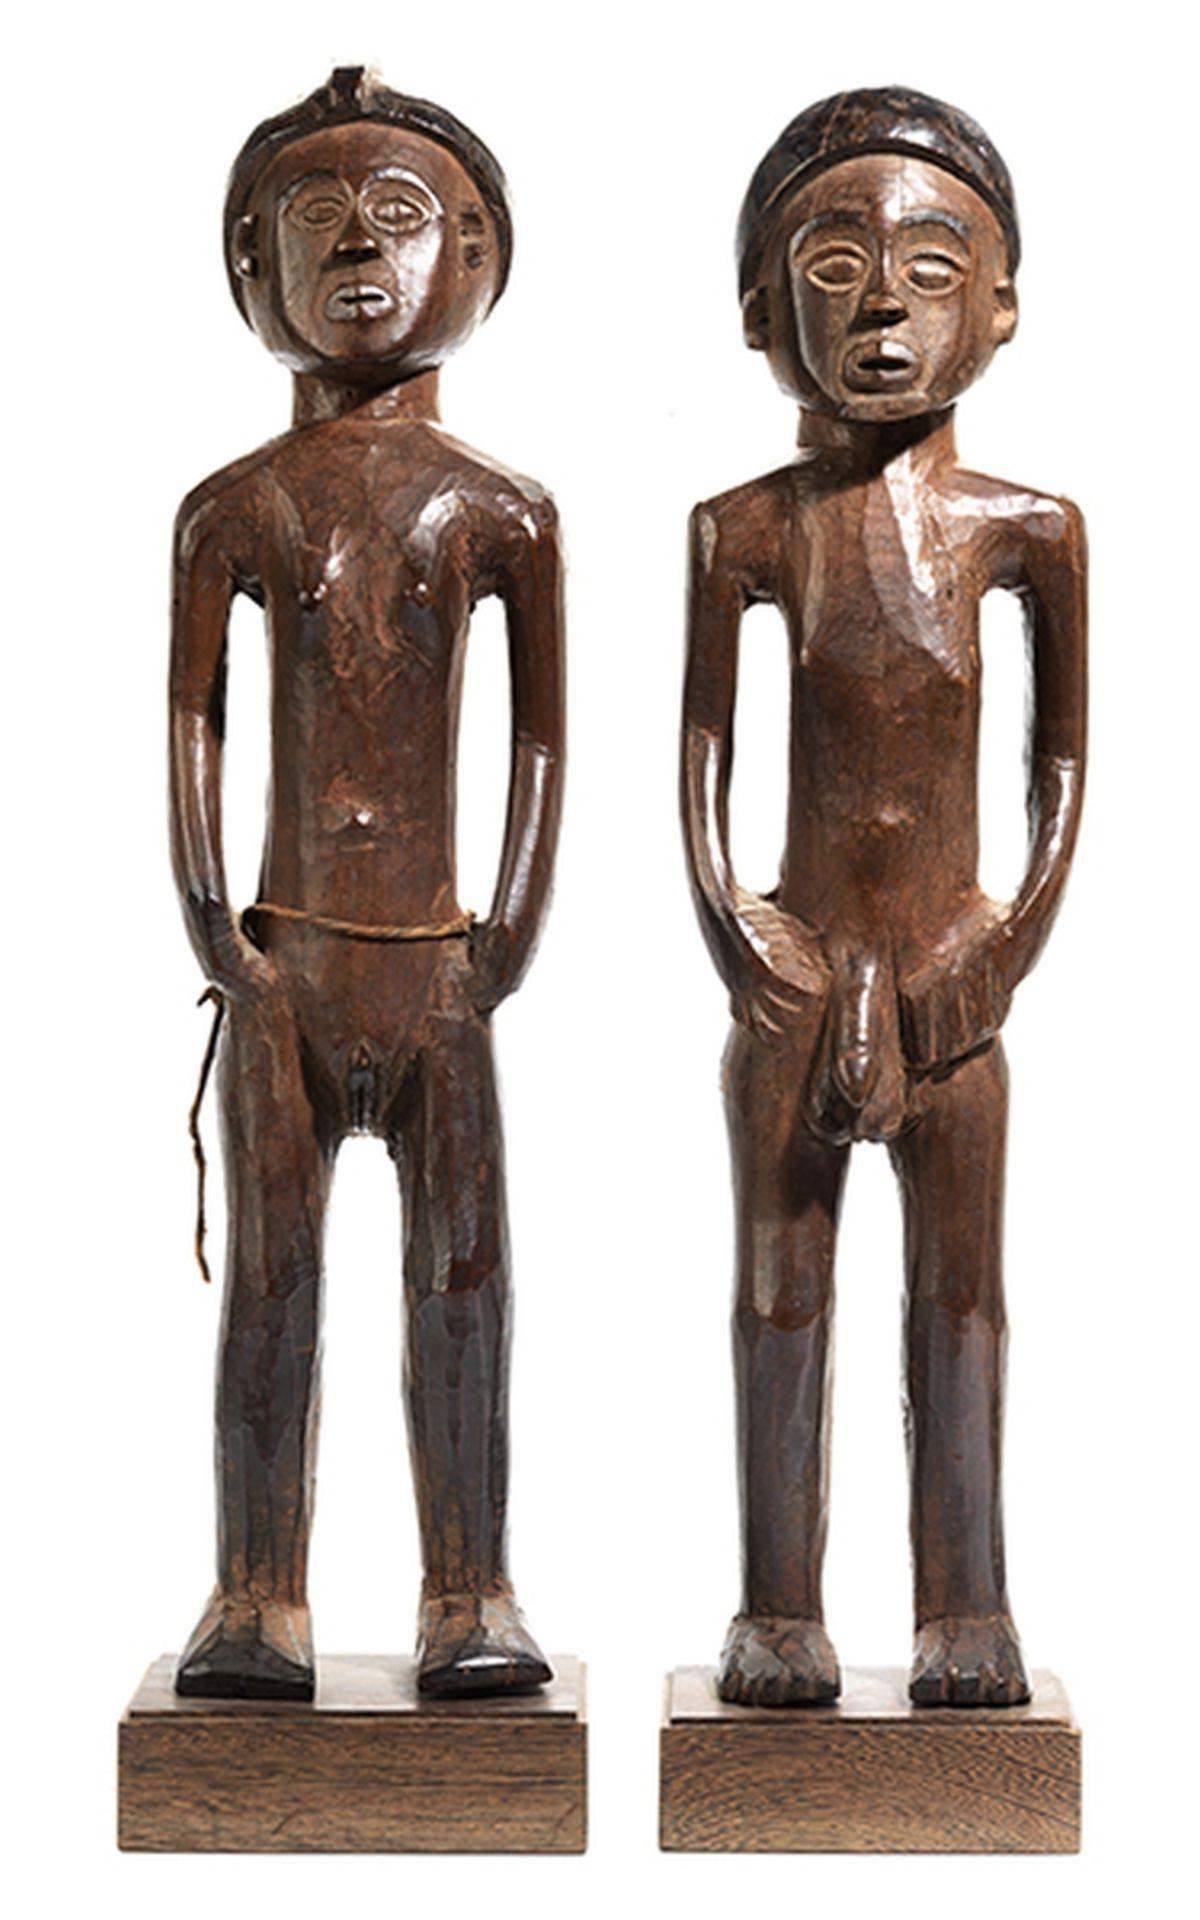 Los 891 - Chokwe-Figurenpaar Höhe ohne Sockel: 57 cm und 58 cm. Gesamthöhe: 62 cm und 63 cm. Aus Holz....